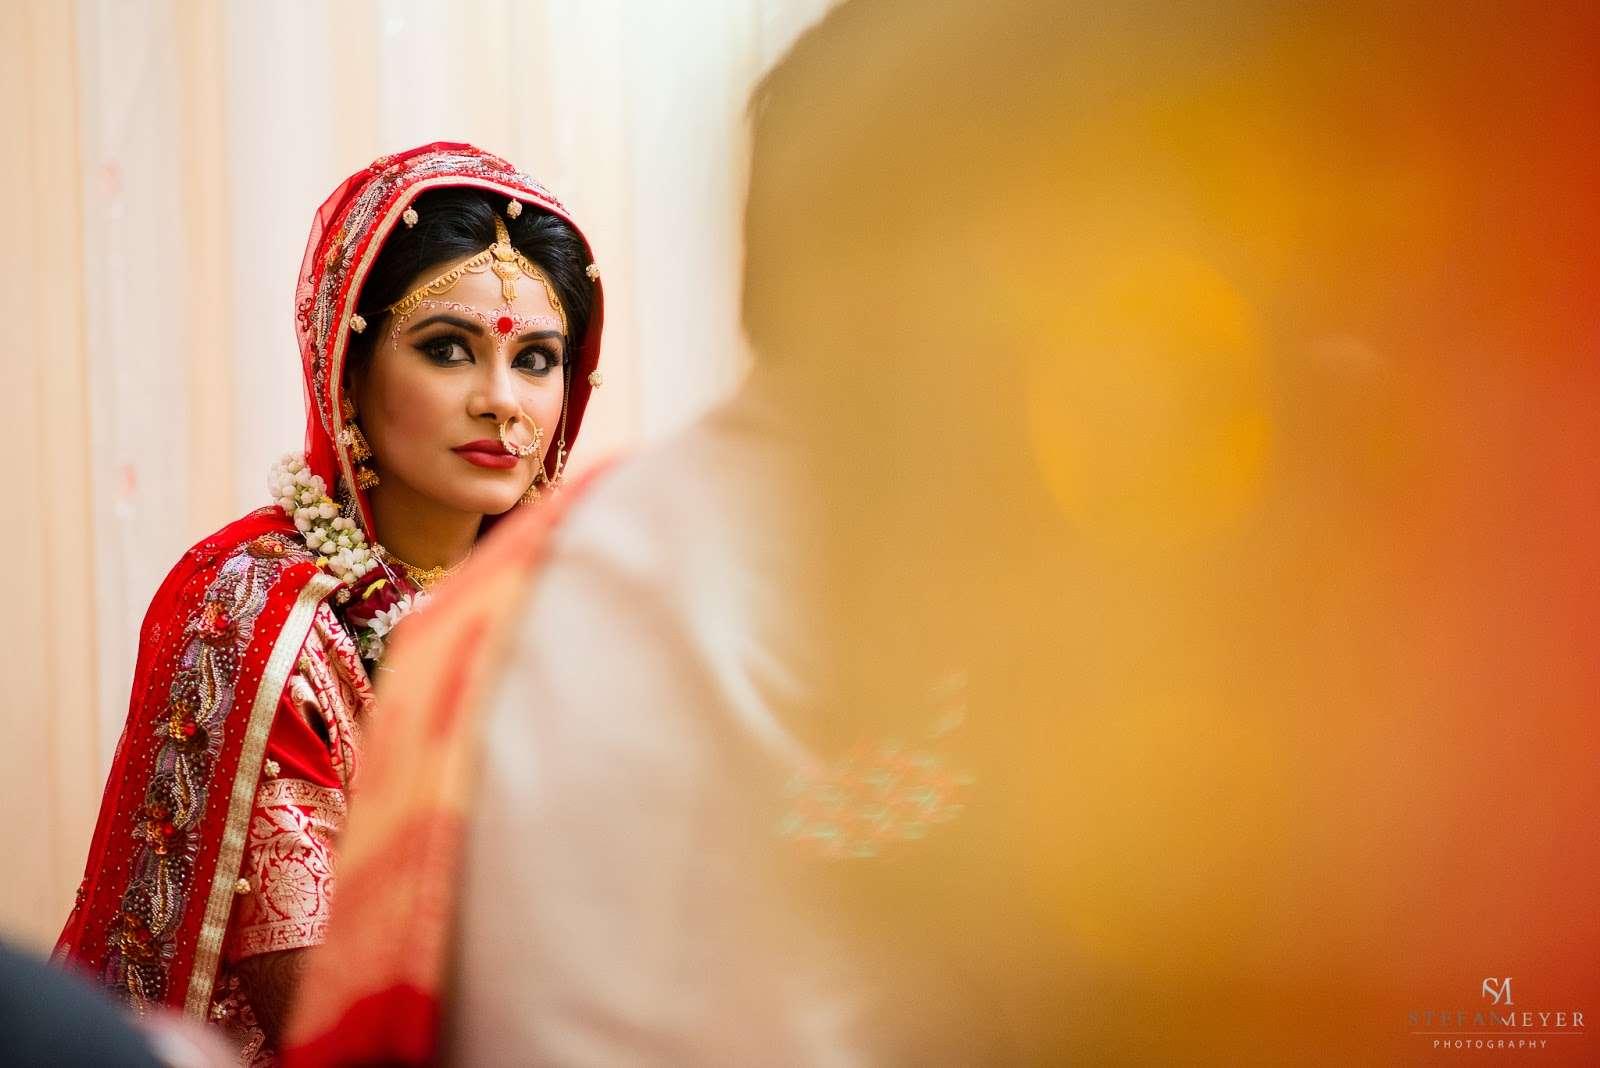 Mumbai - Mariage indien : Stefan Meyer Travel Blog – L'Inde et la redéfinition de la normalité